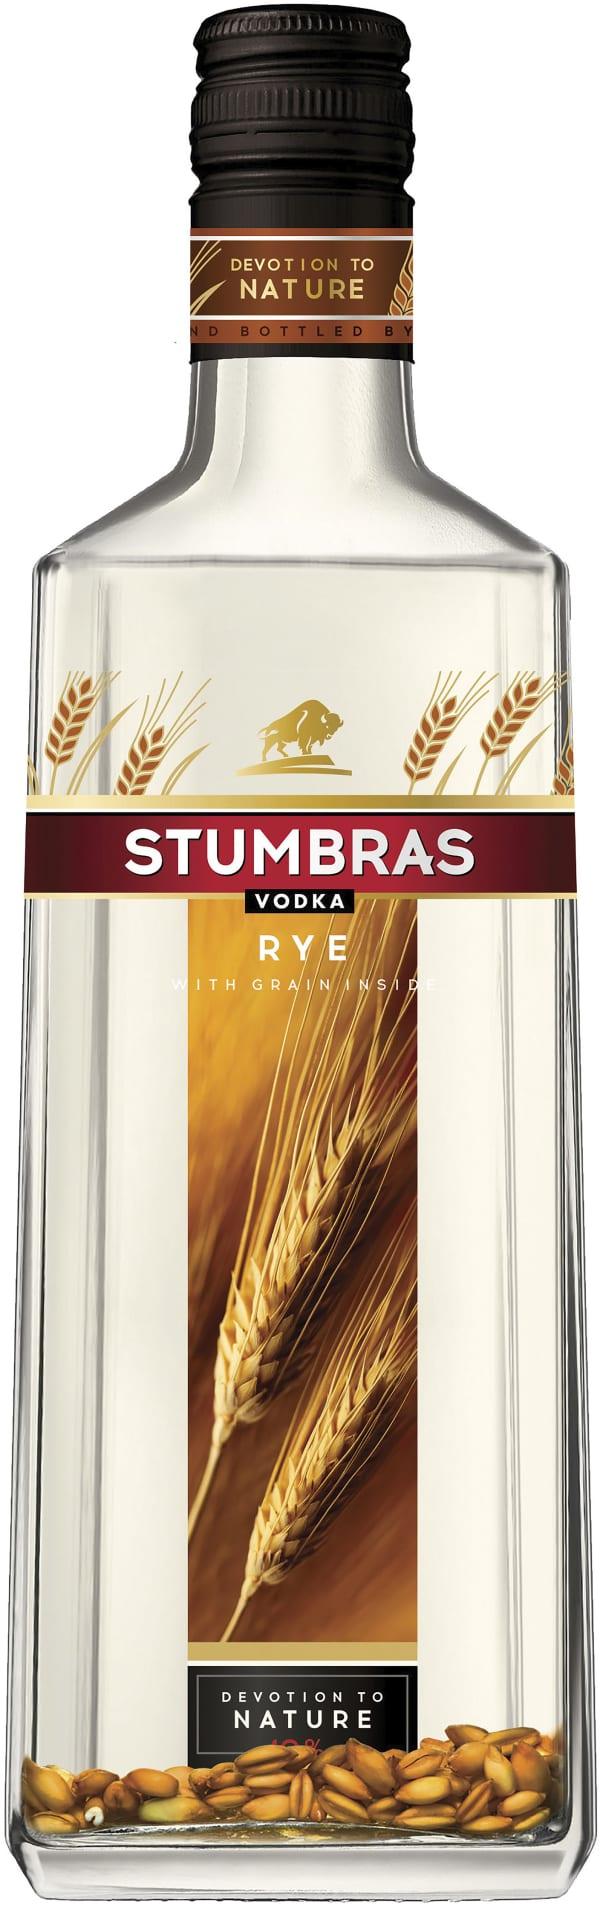 Stumbras Vodka Rye